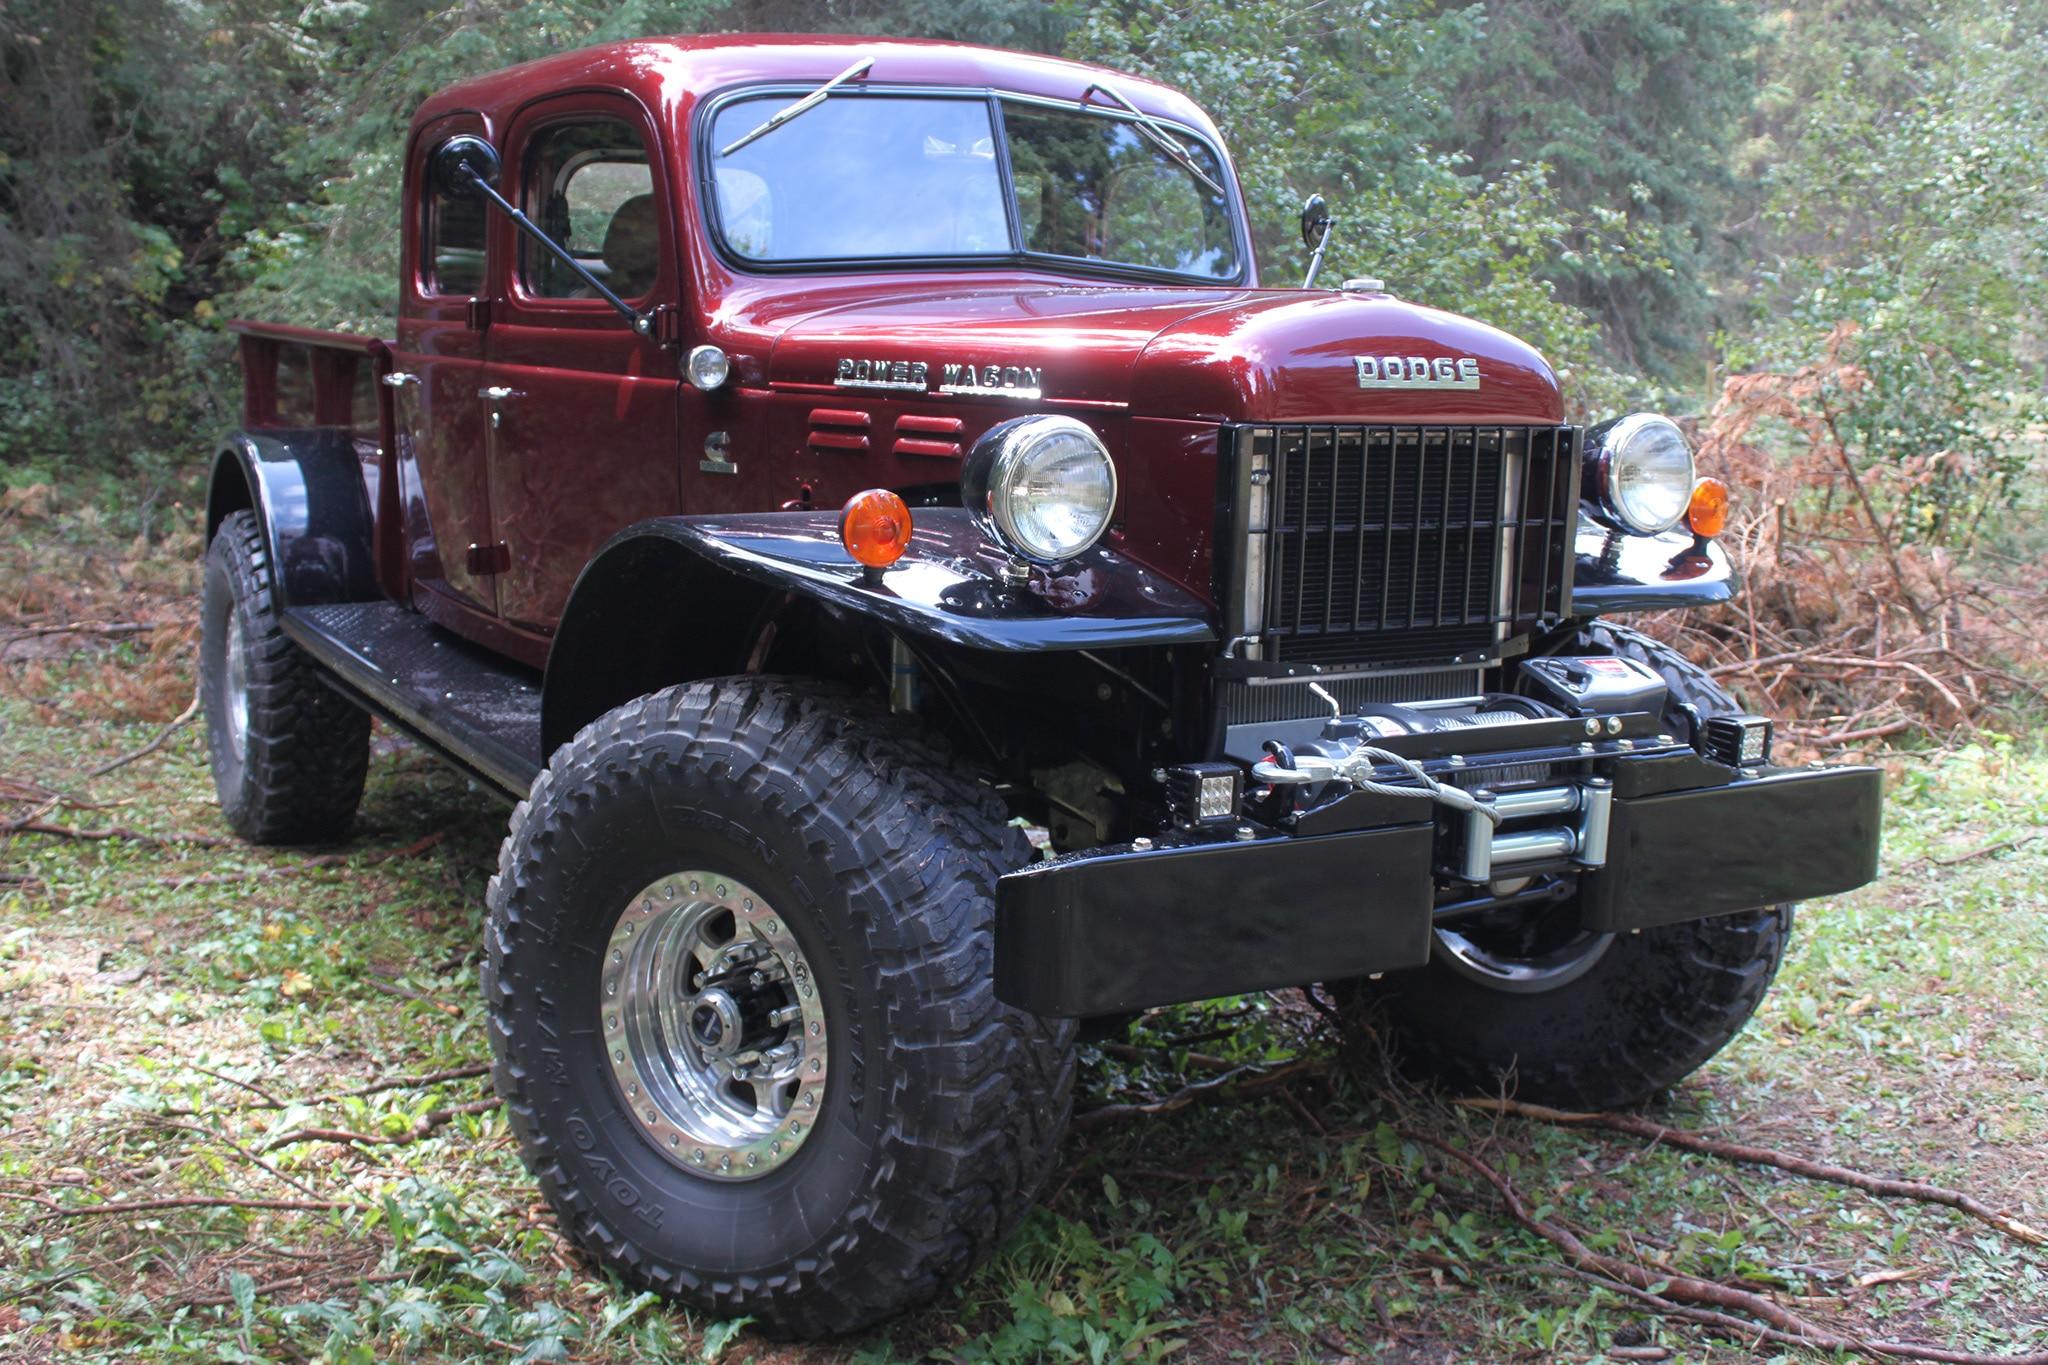 Legacy Classic Trucks Dodge Power Wagon Defines Custom Off Road Badassery